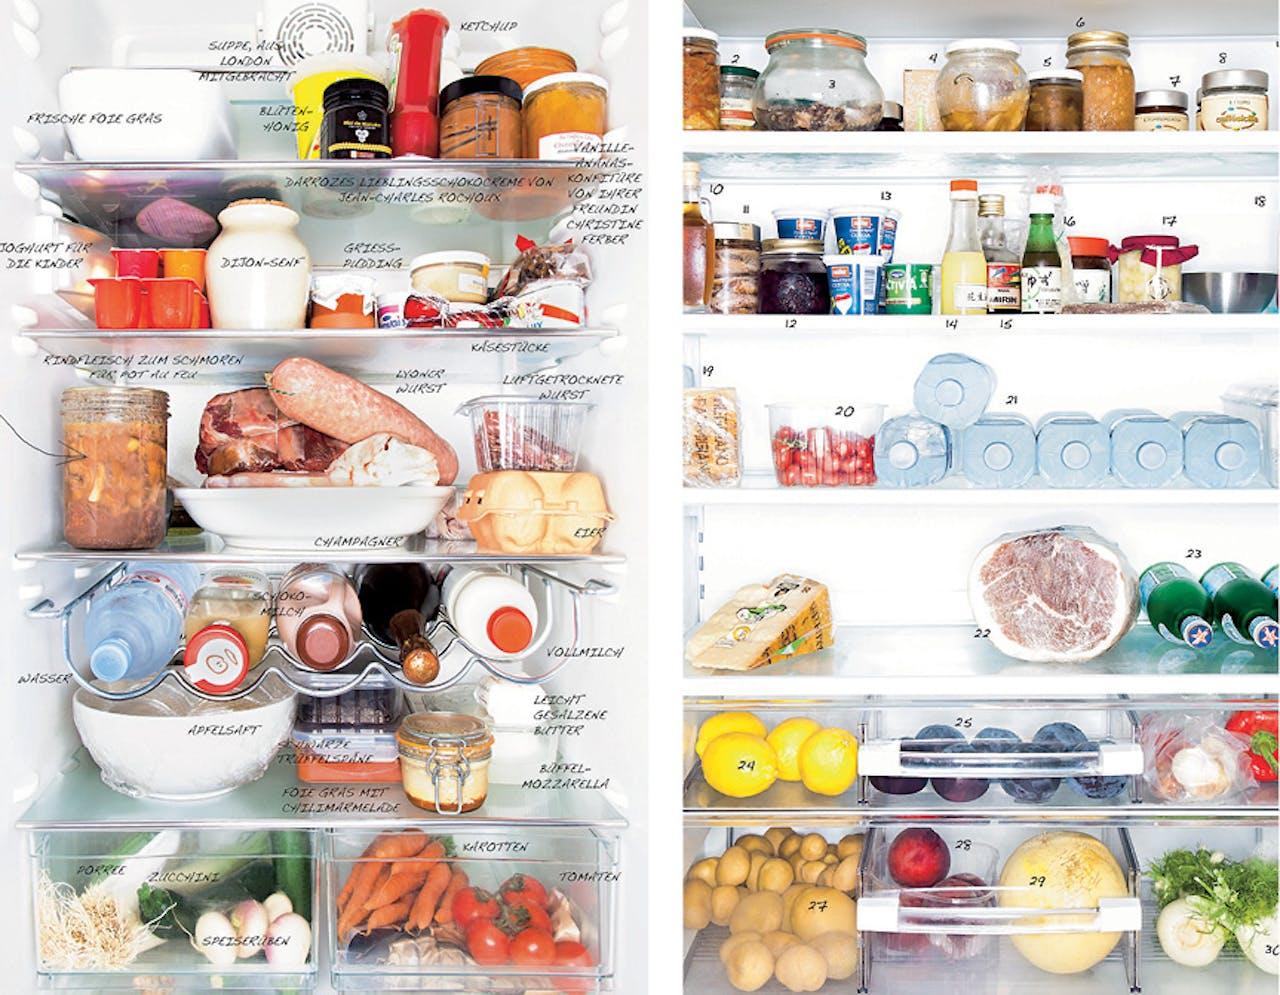 De koelkast van Hélène Darroze (links) en Massimo Bottura.